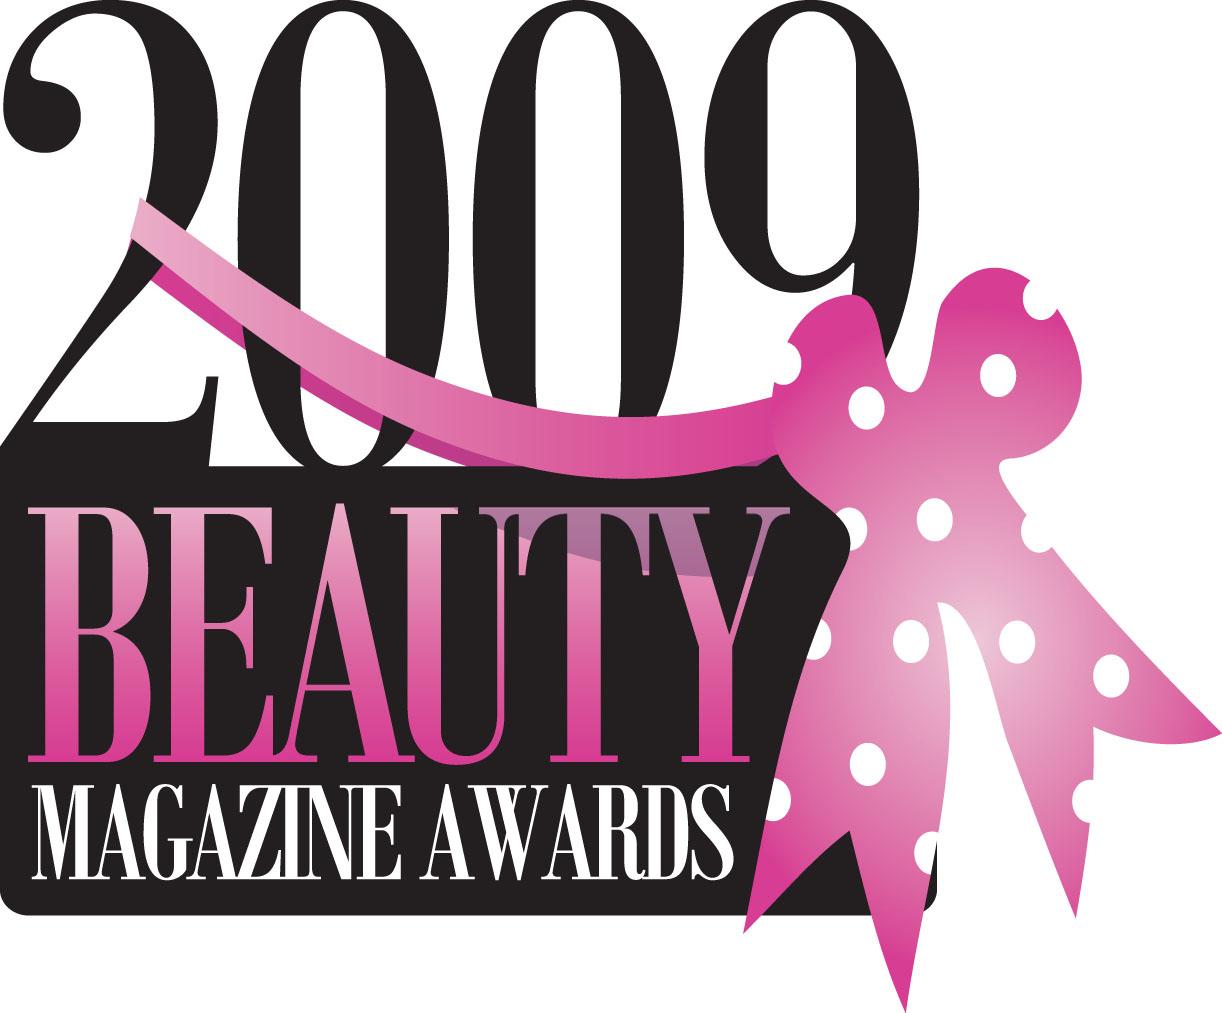 Beauty magazin Awards logo.ai [Converted]